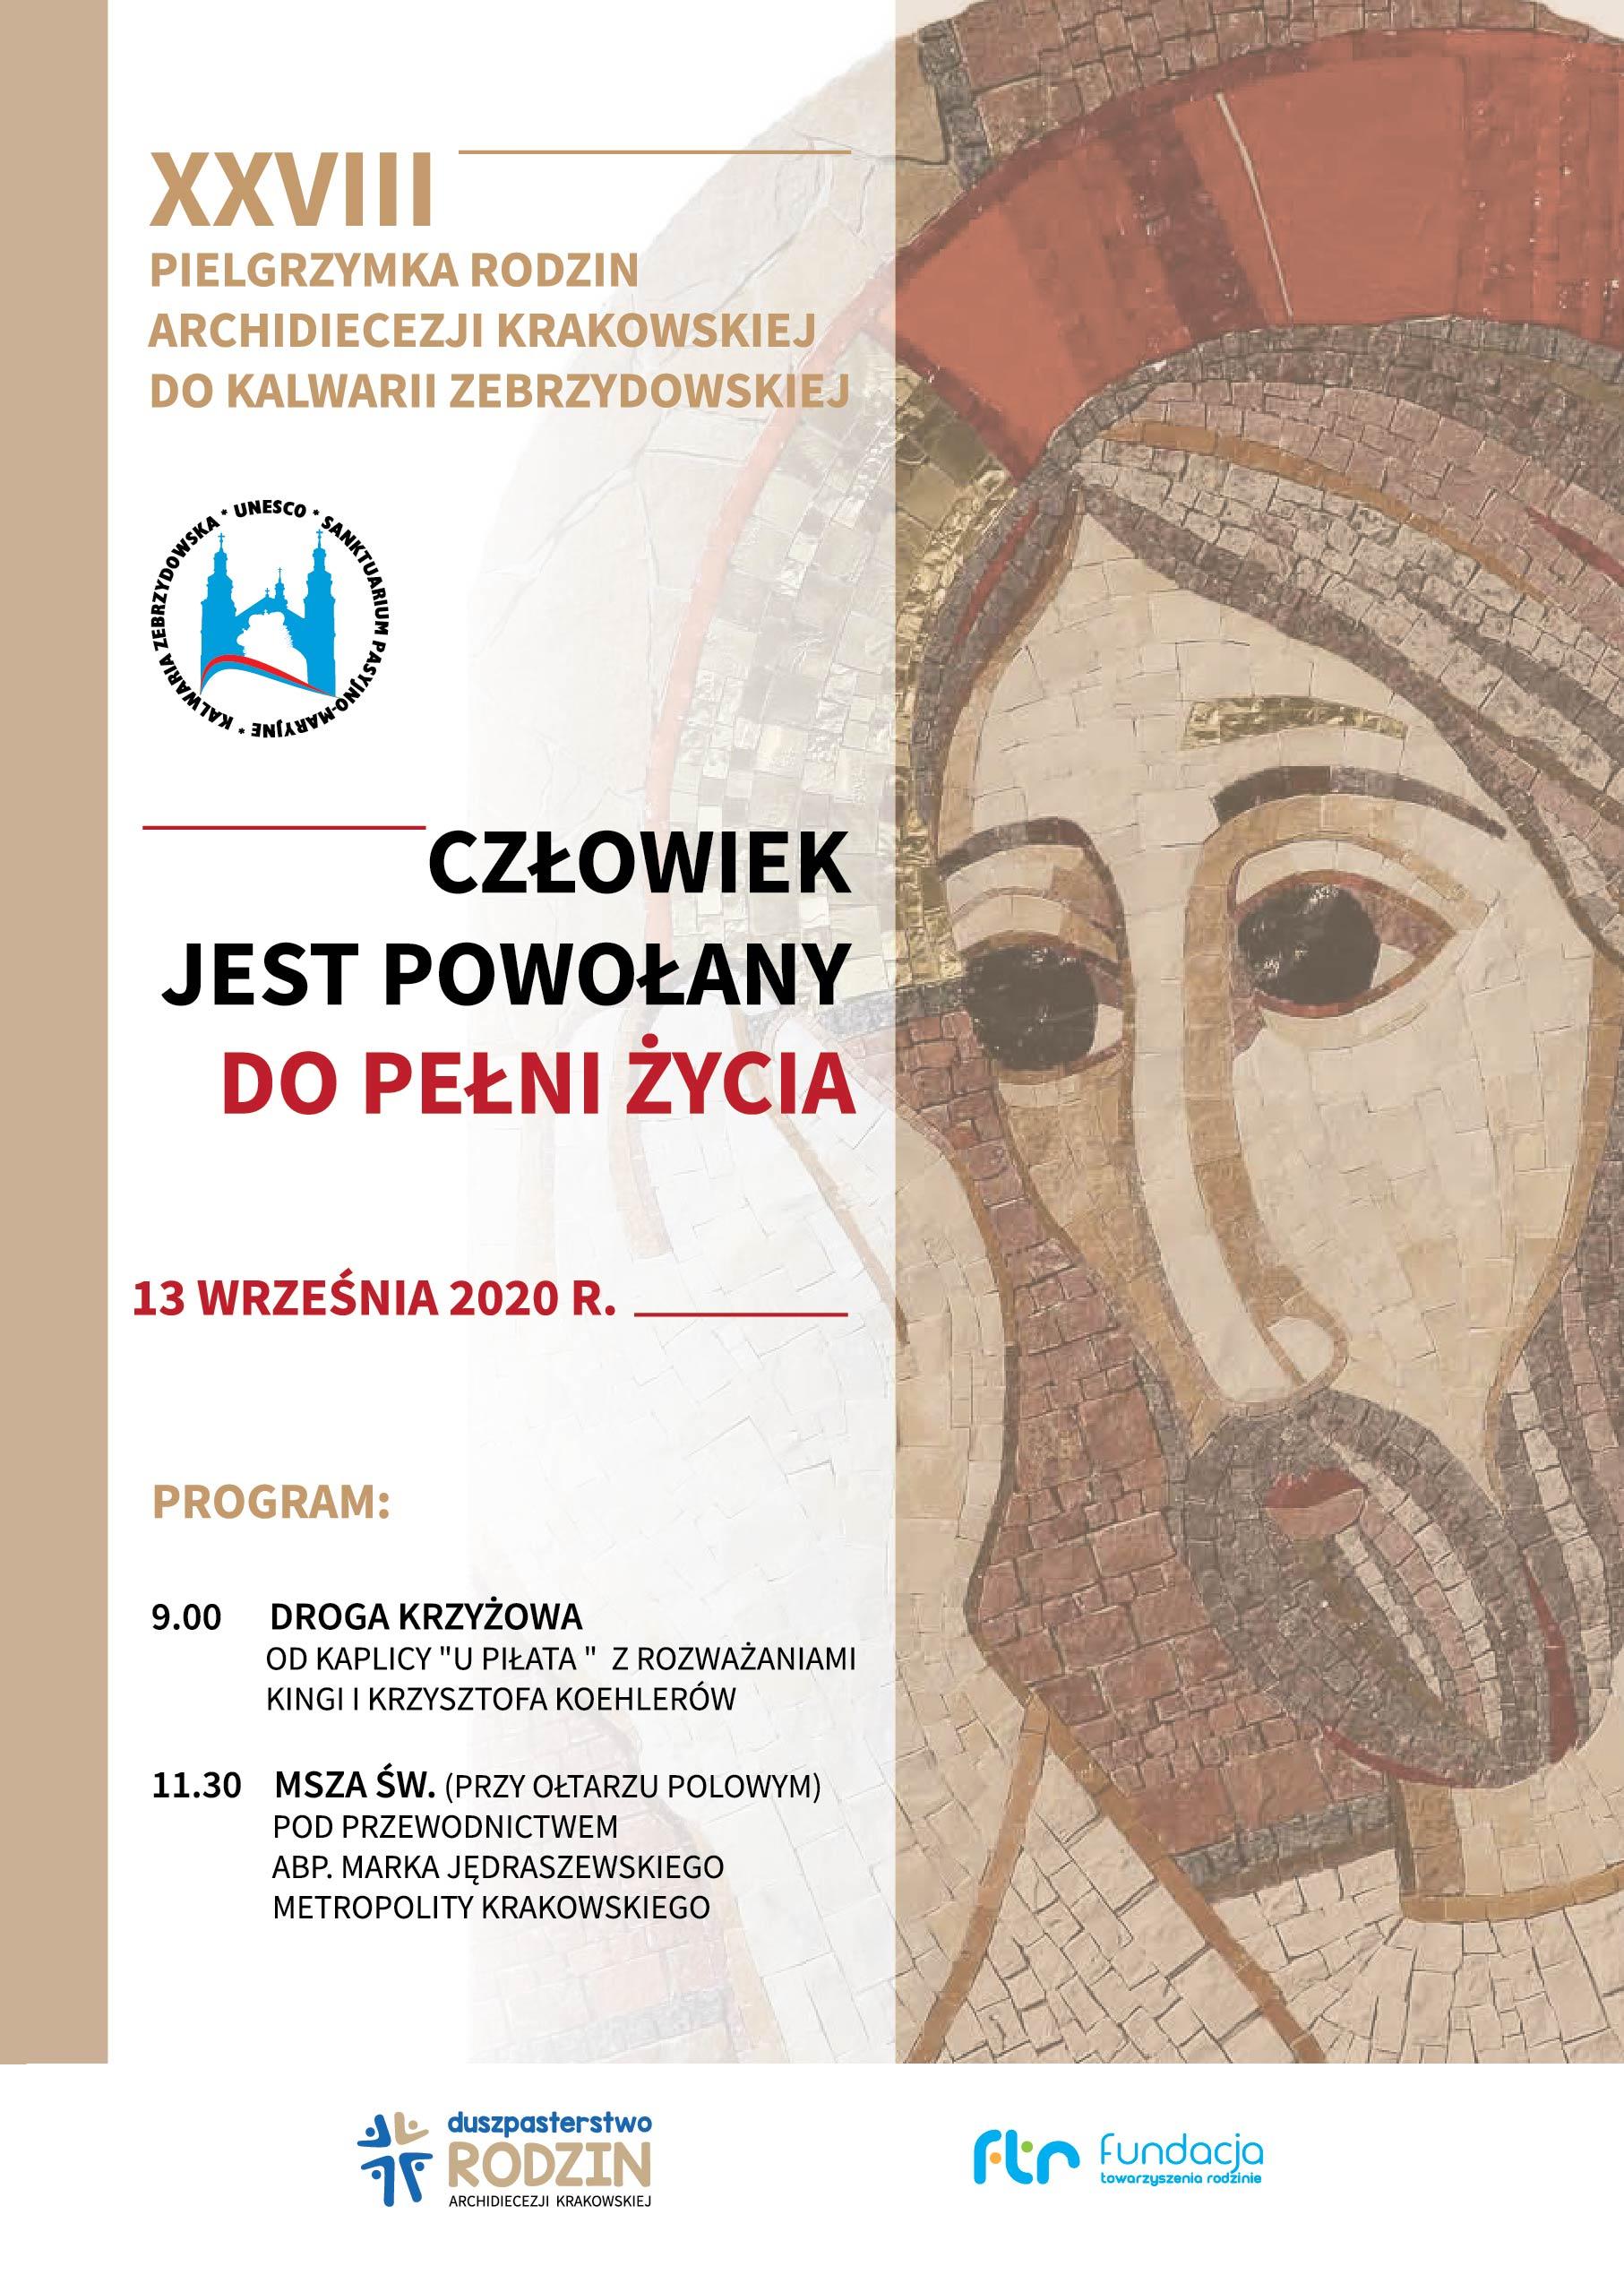 Transmisja XXVIII Pielgrzymki Rodzin Archidiecezji Krakowskiej do Kalwarii Zebrzydowskiej